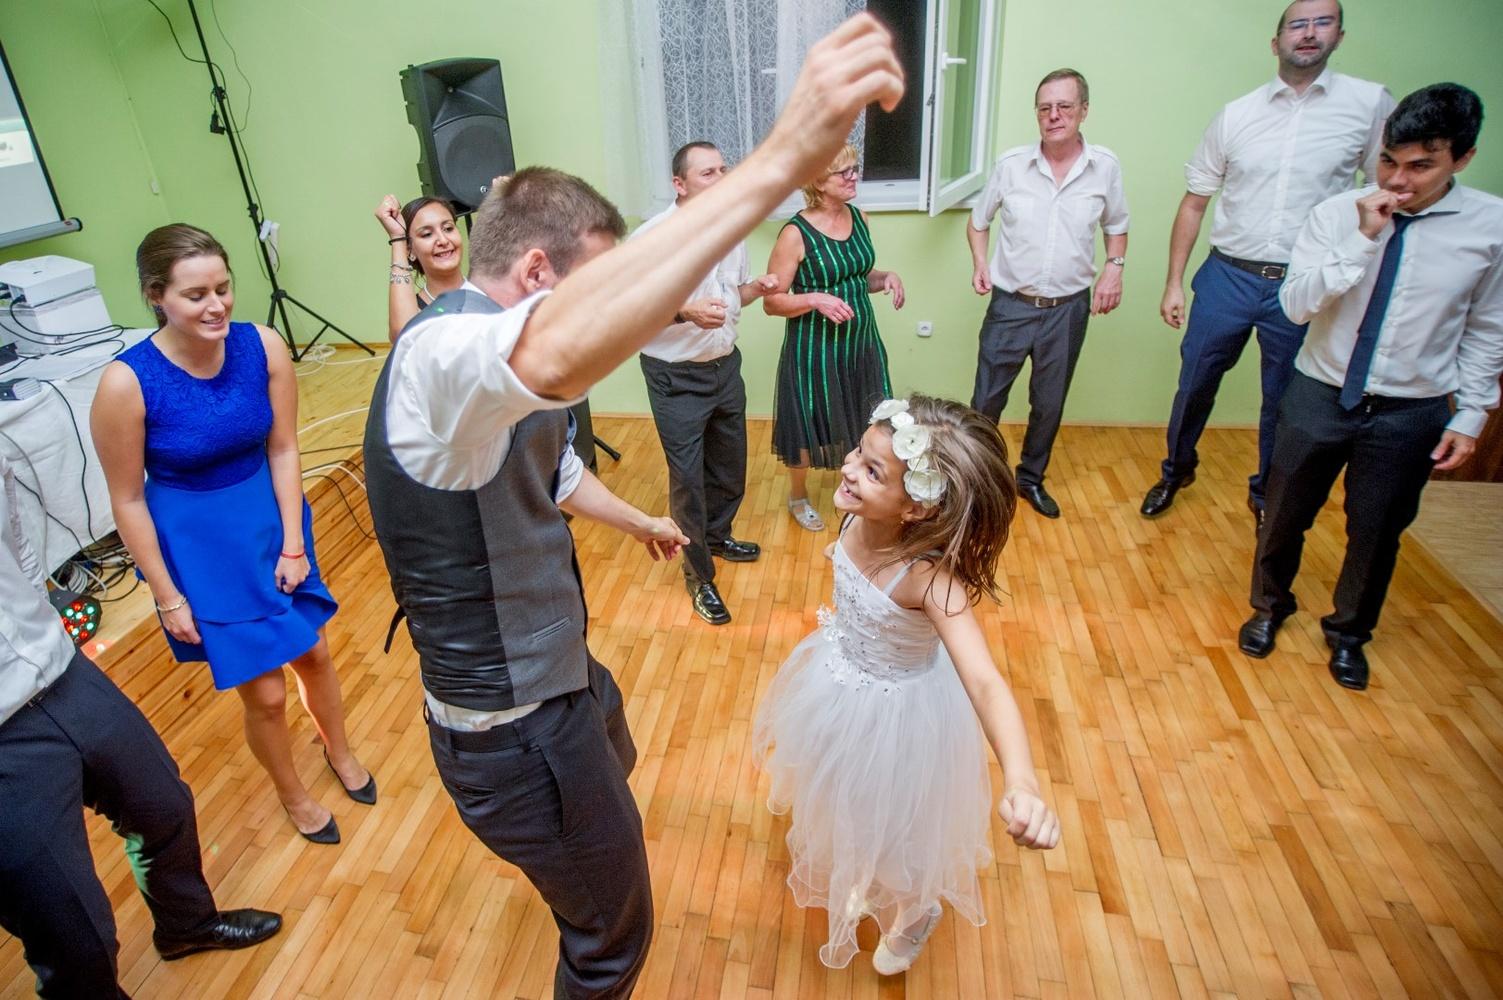 http://www.fotoz.sk/images/gallery-8/normal/eskuvoi-fotos_svadobny-fotograf_575.jpg